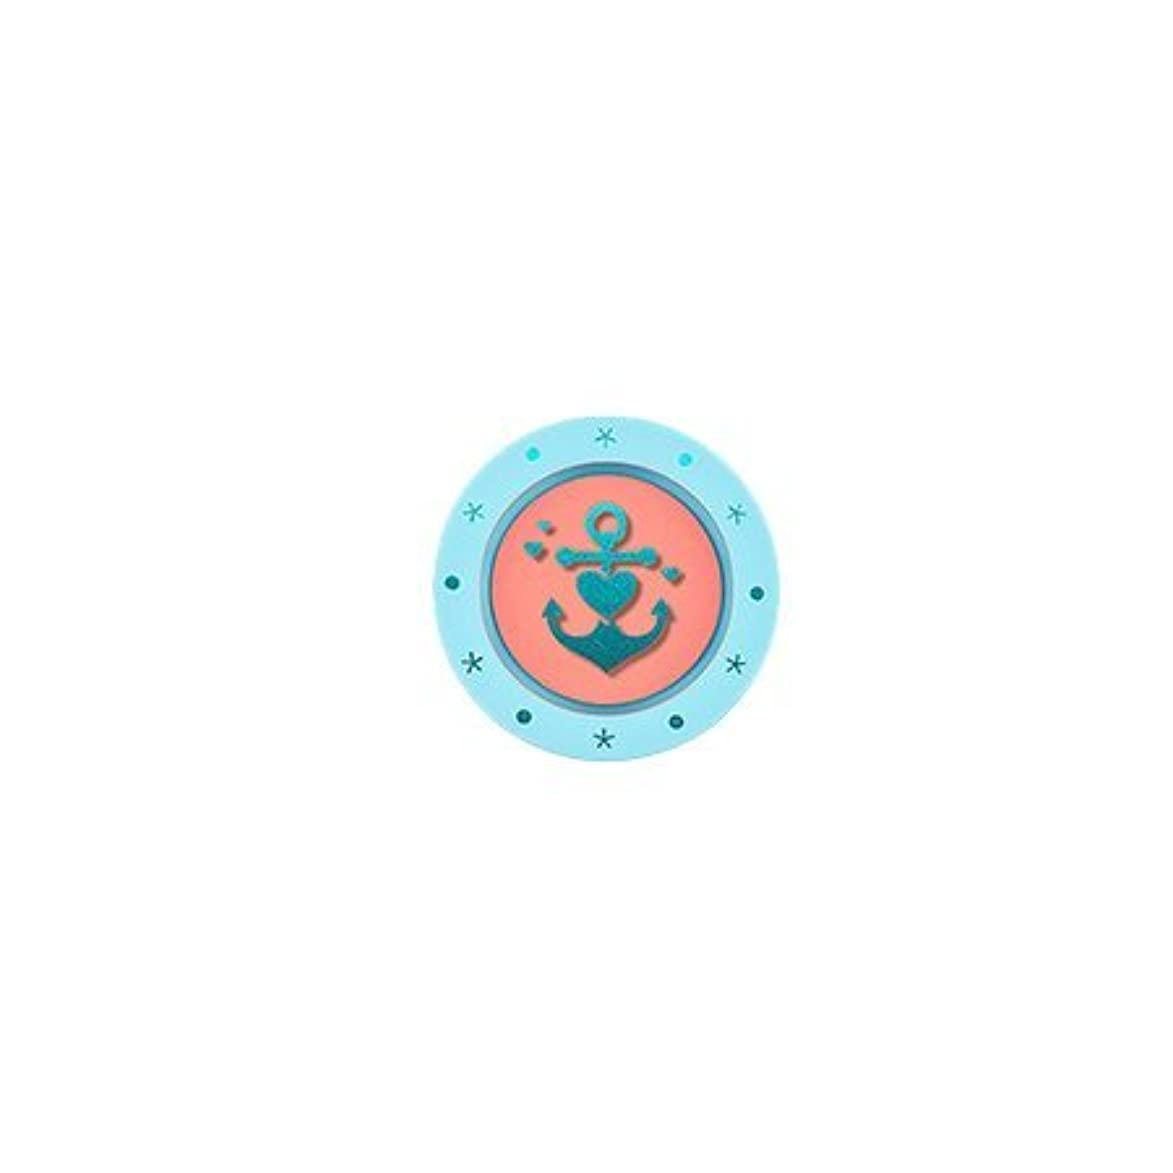 軍団絶縁する通りアリタウム マーメイド コレクション モノ アイズ 1.4g / ARITAUM Mono Eyes Mermaid Collection (# M21 Coral Bay) [並行輸入品]